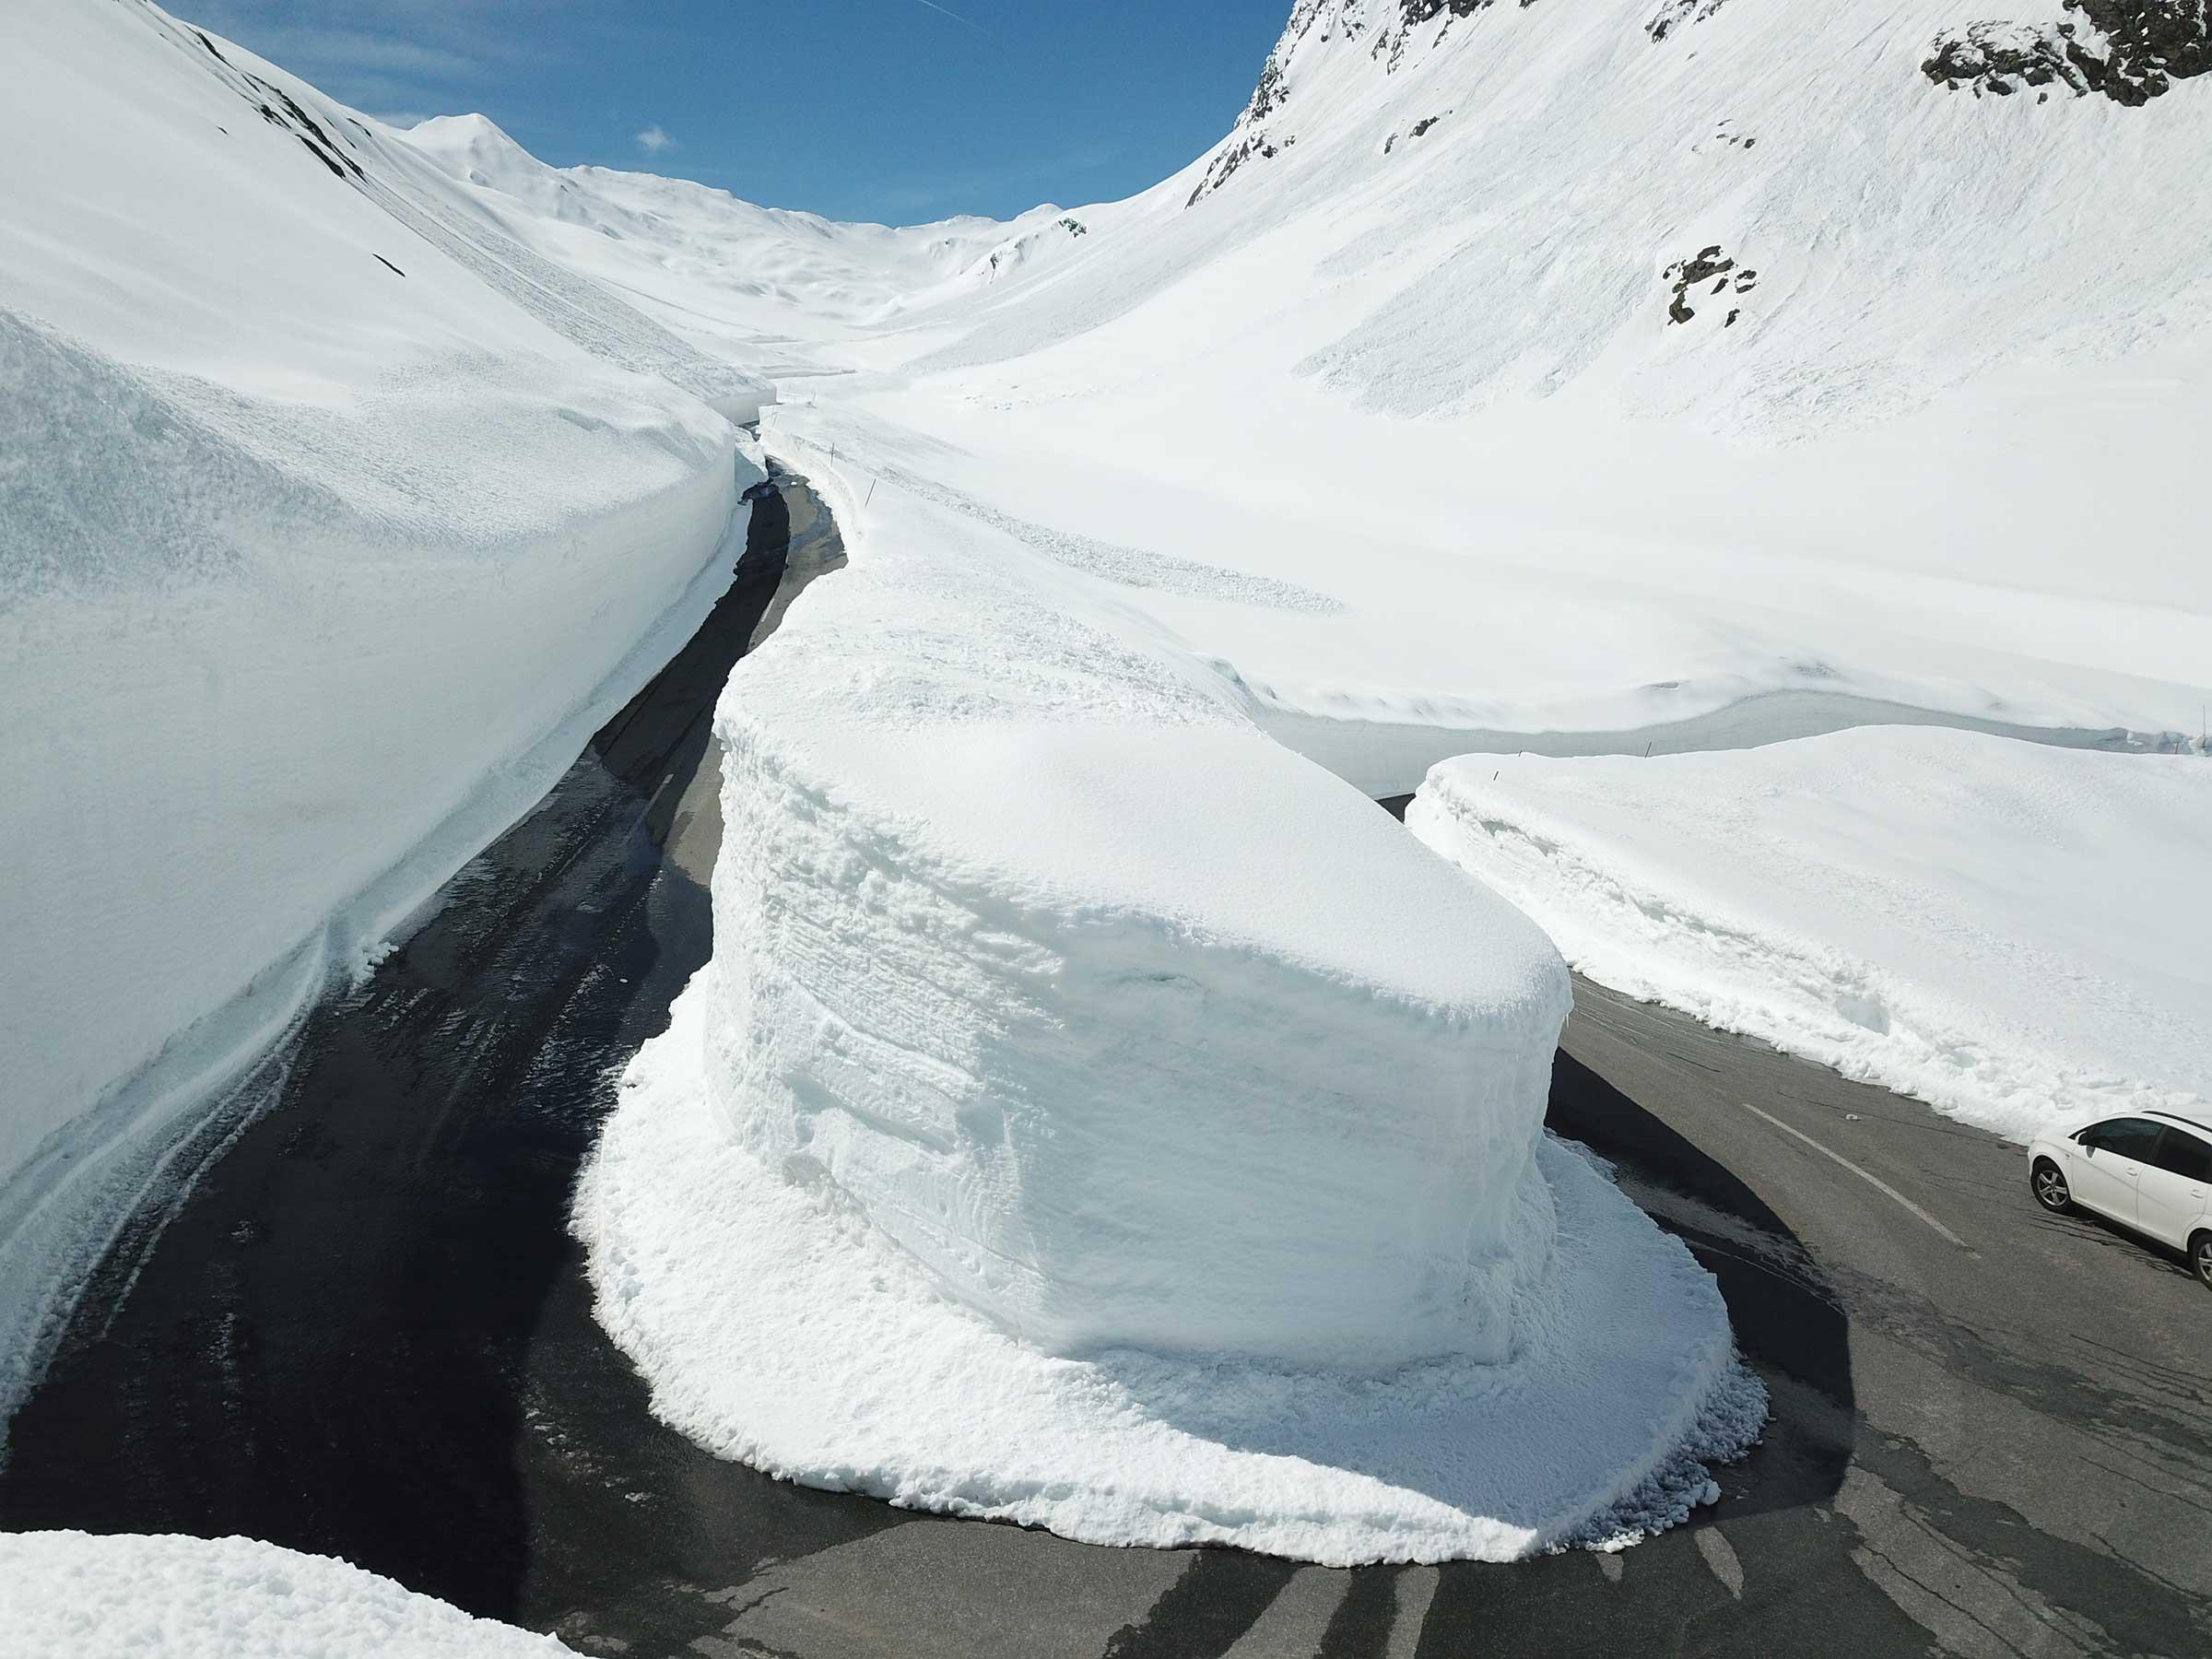 Schneeräumung am Timmelsjoch